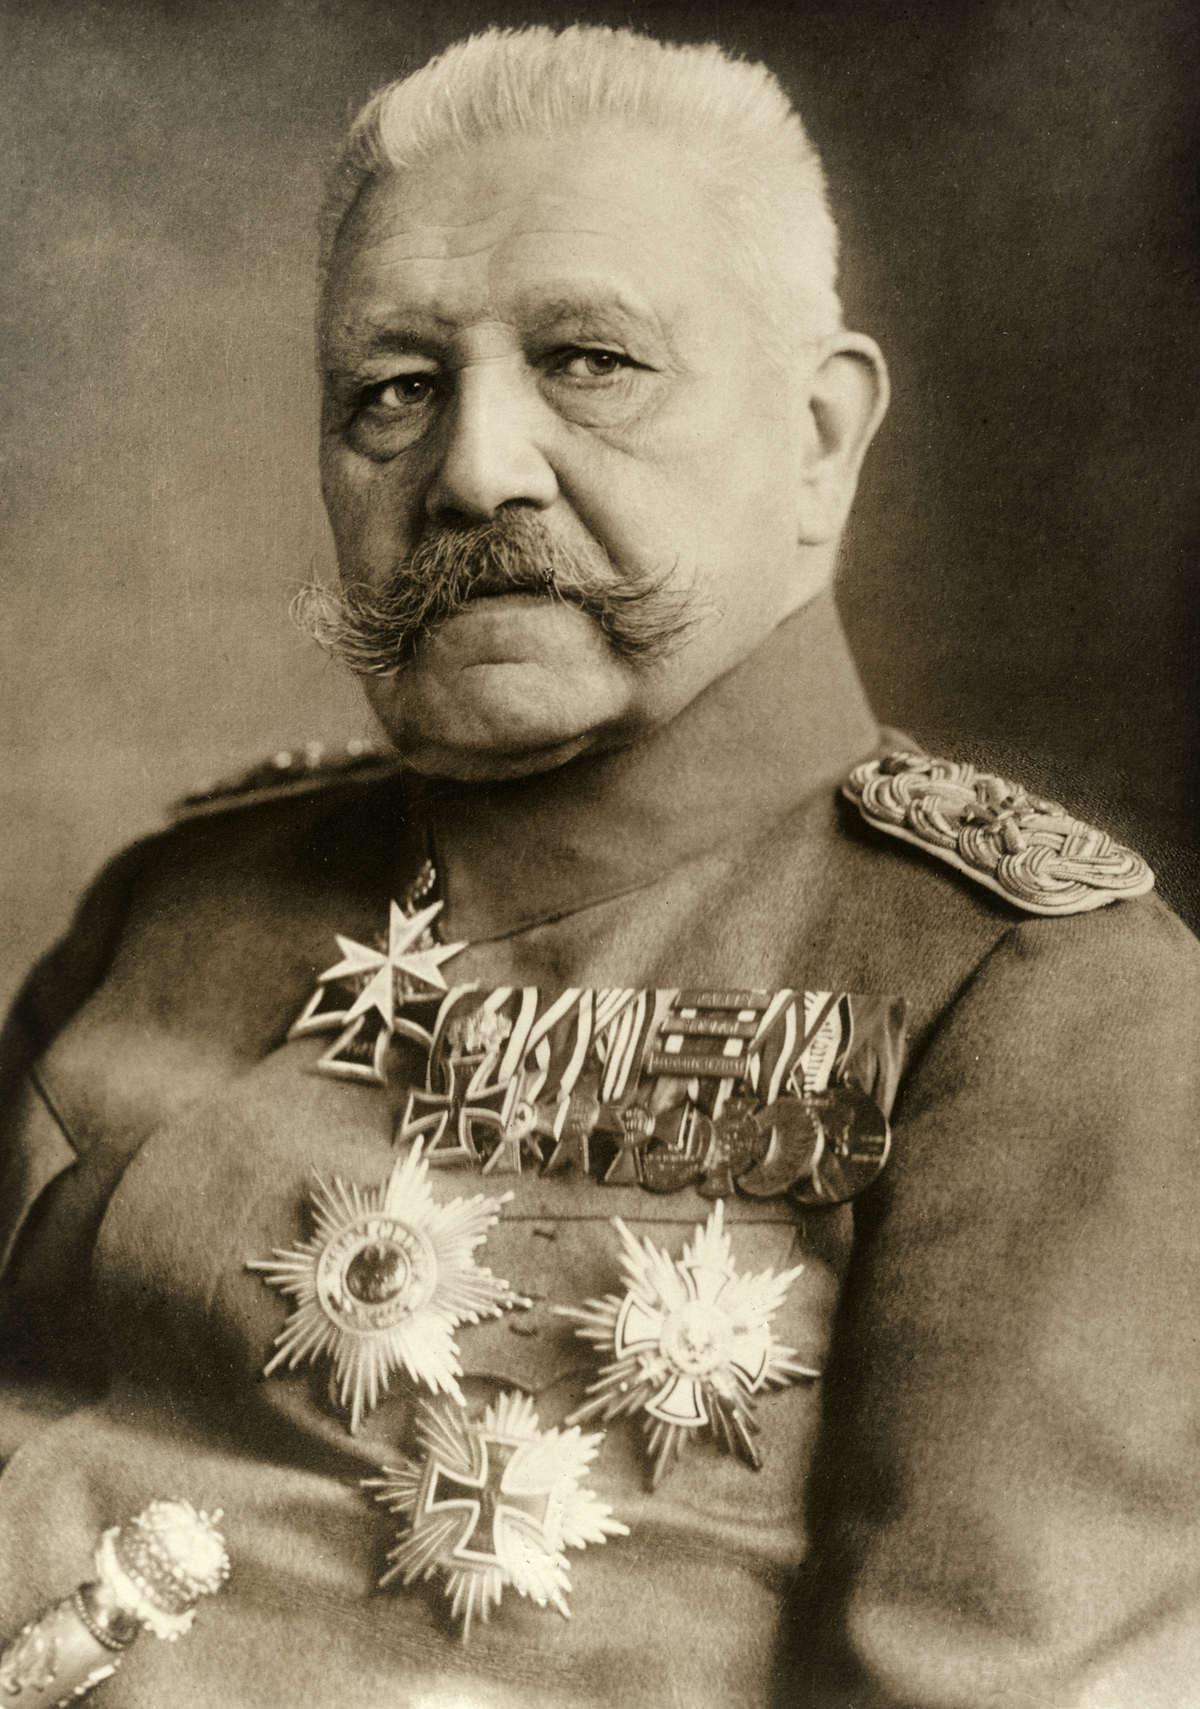 Paul Von Hindenburg, Alman siyasetçi, mareşal (DY-1847) tarihte bugün